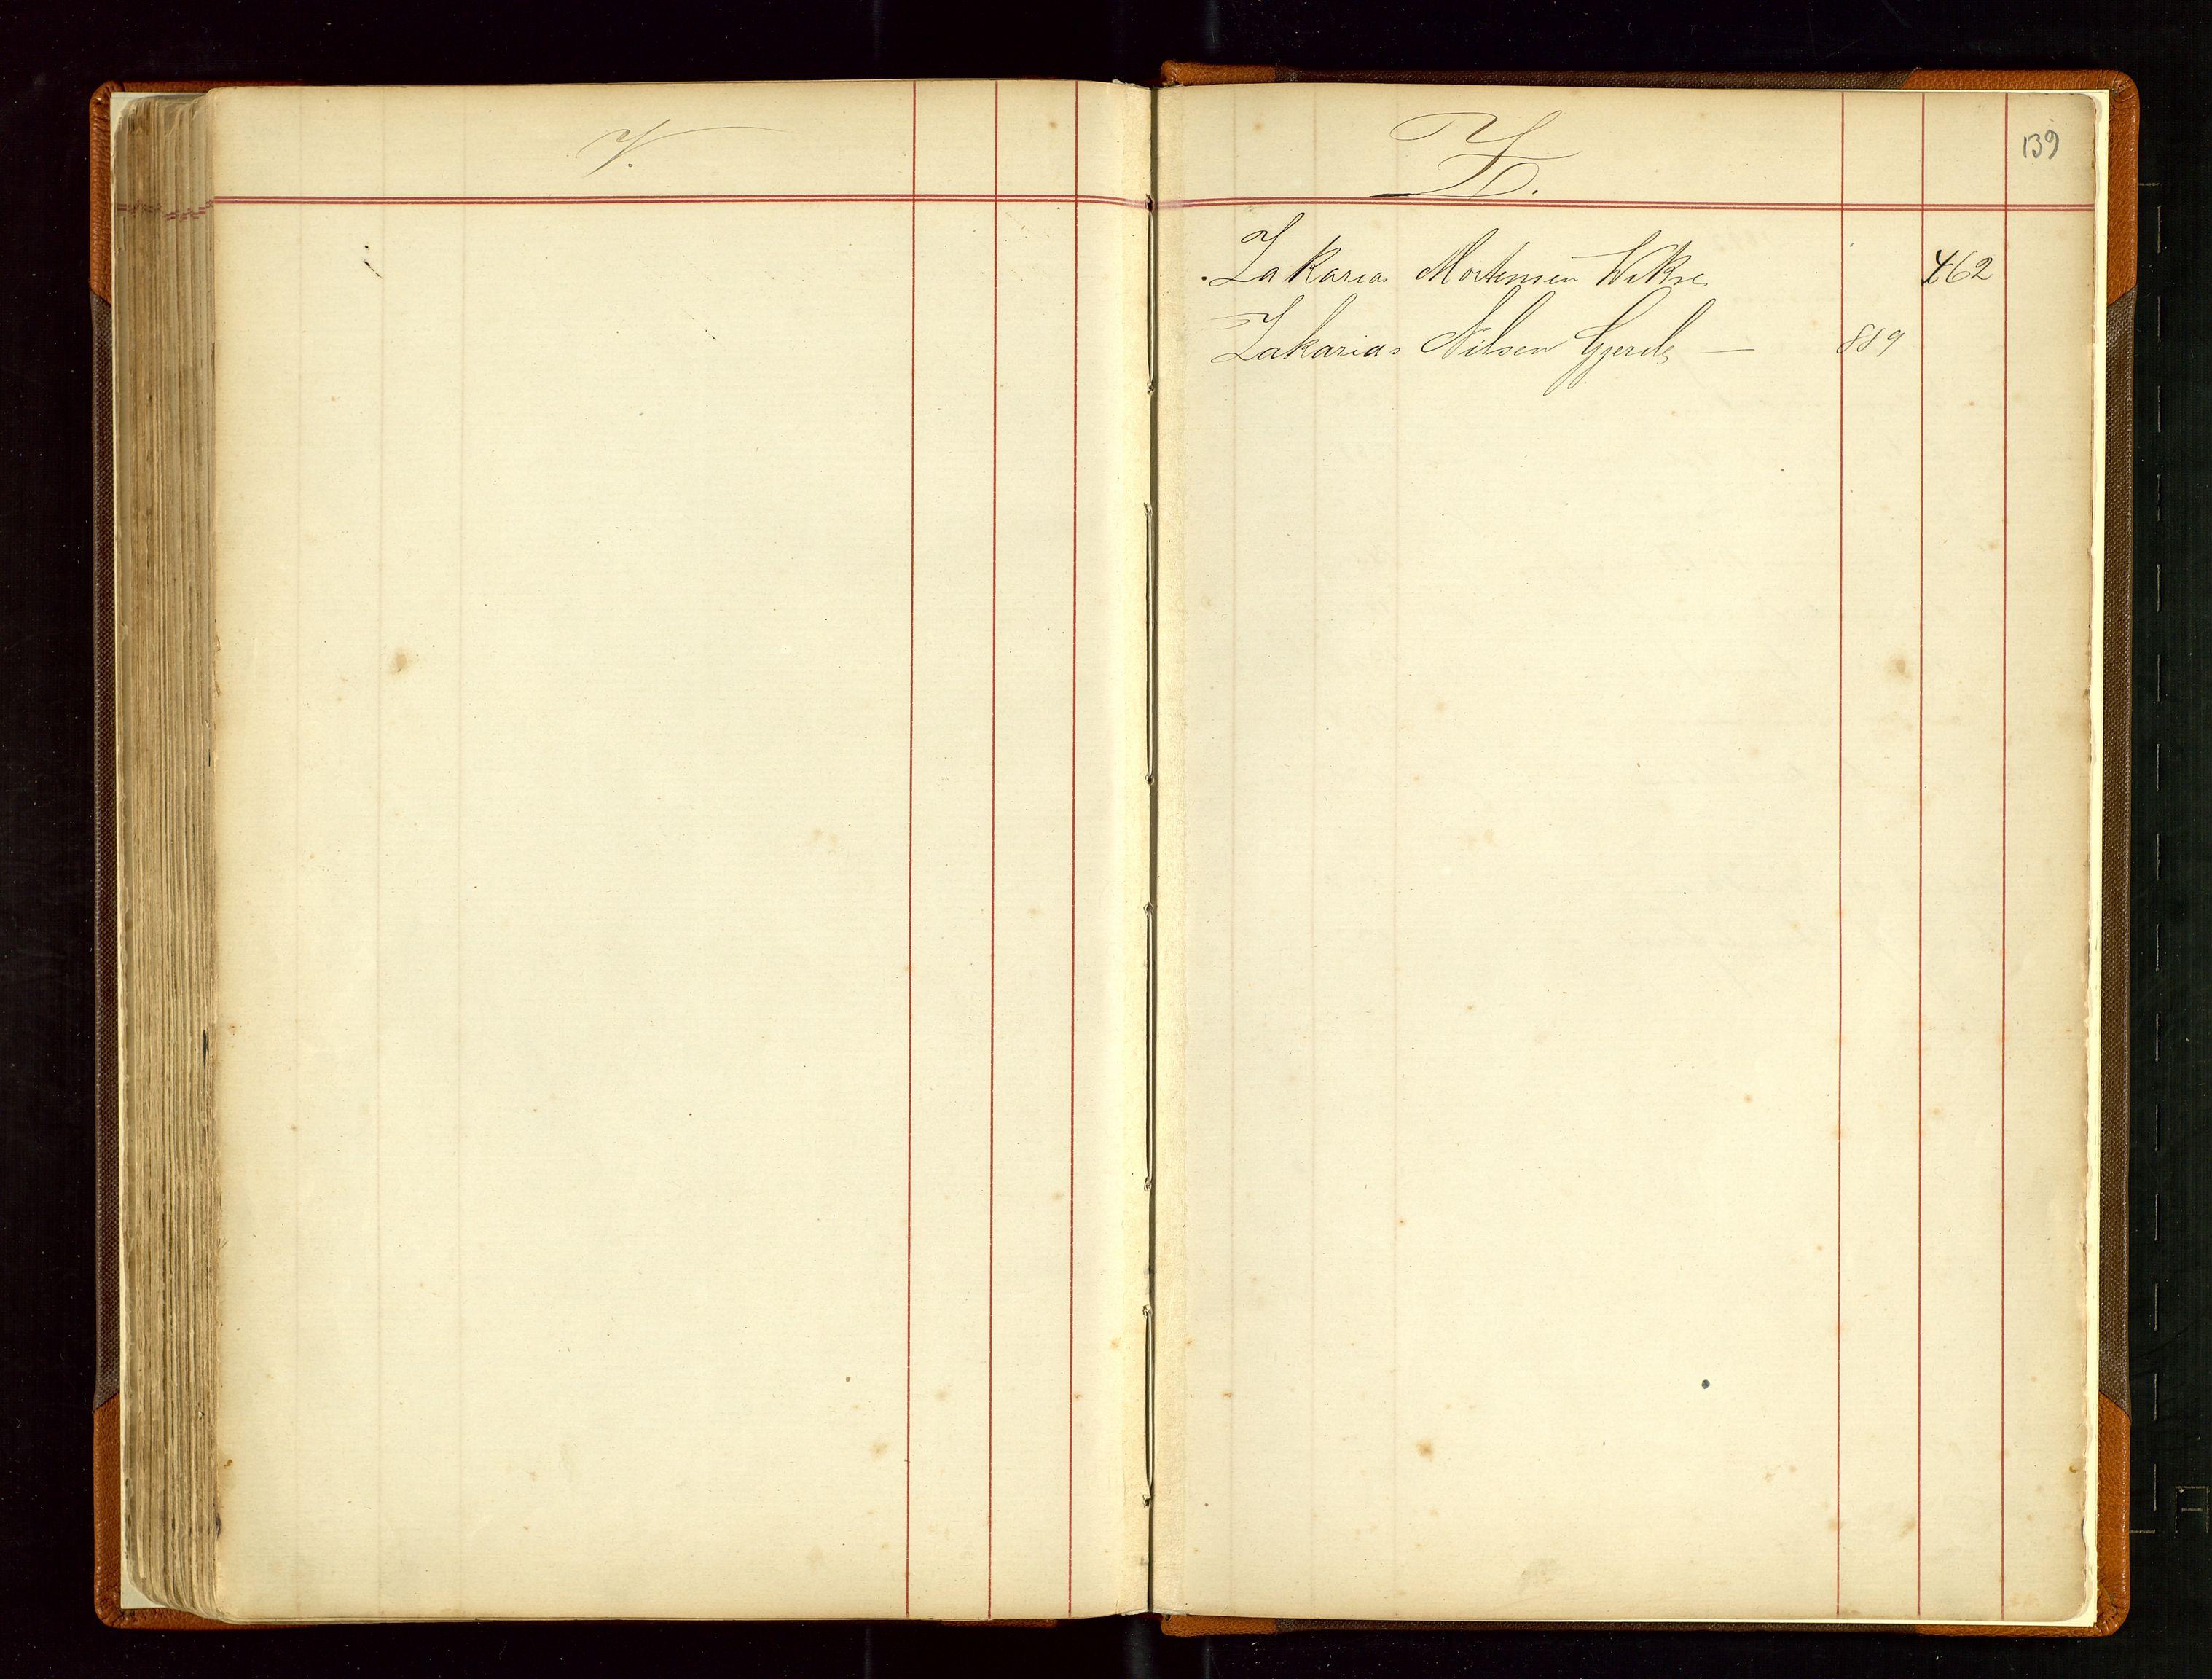 SAST, Haugesund sjømannskontor, F/Fb/Fba/L0003: Navneregister med henvisning til rullenummer (fornavn) Haugesund krets, 1860-1948, s. 139